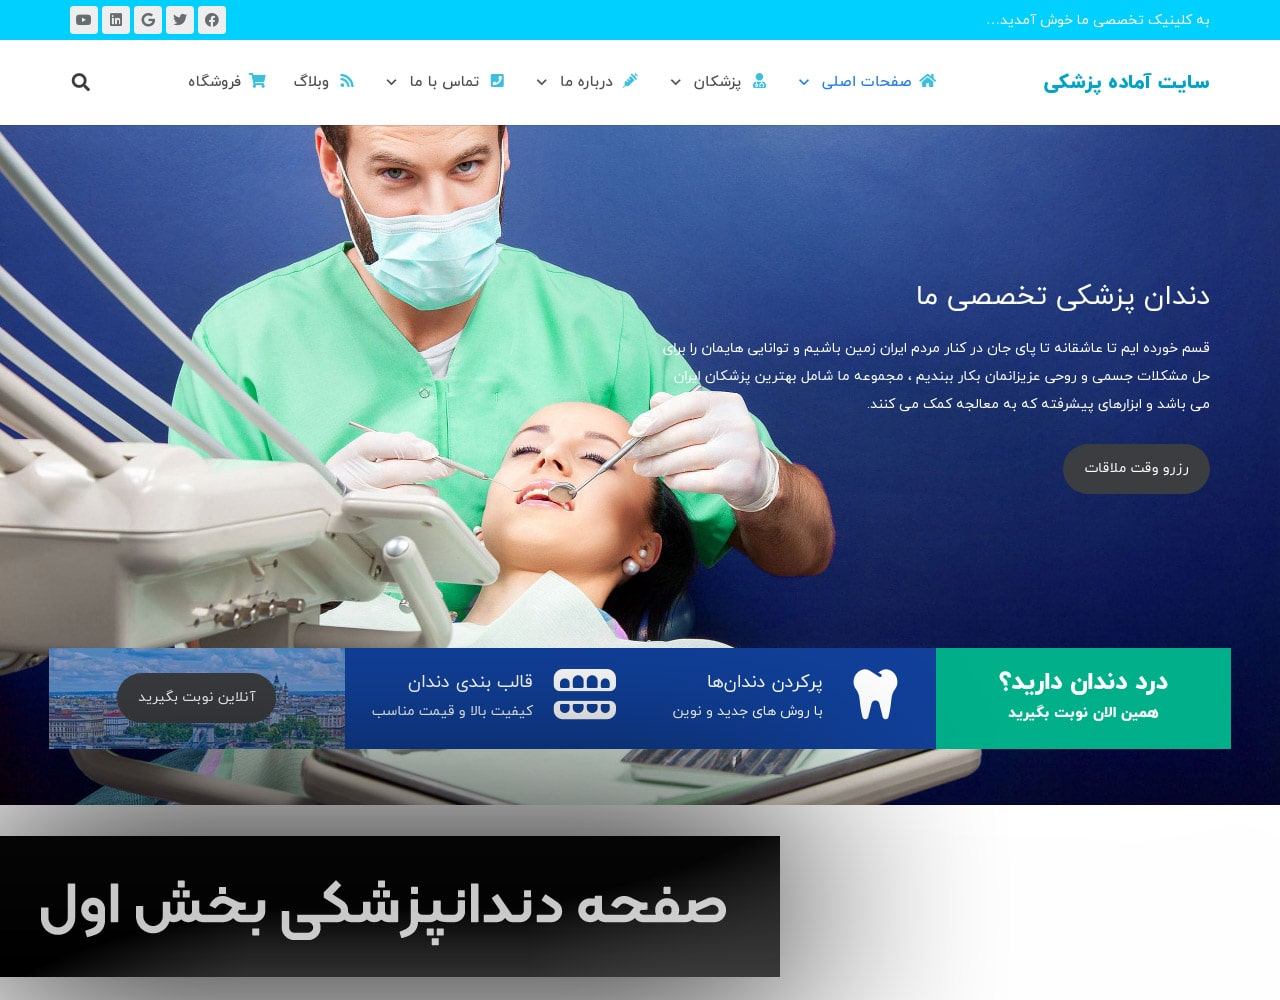 سایت آماده دندان پزشکی